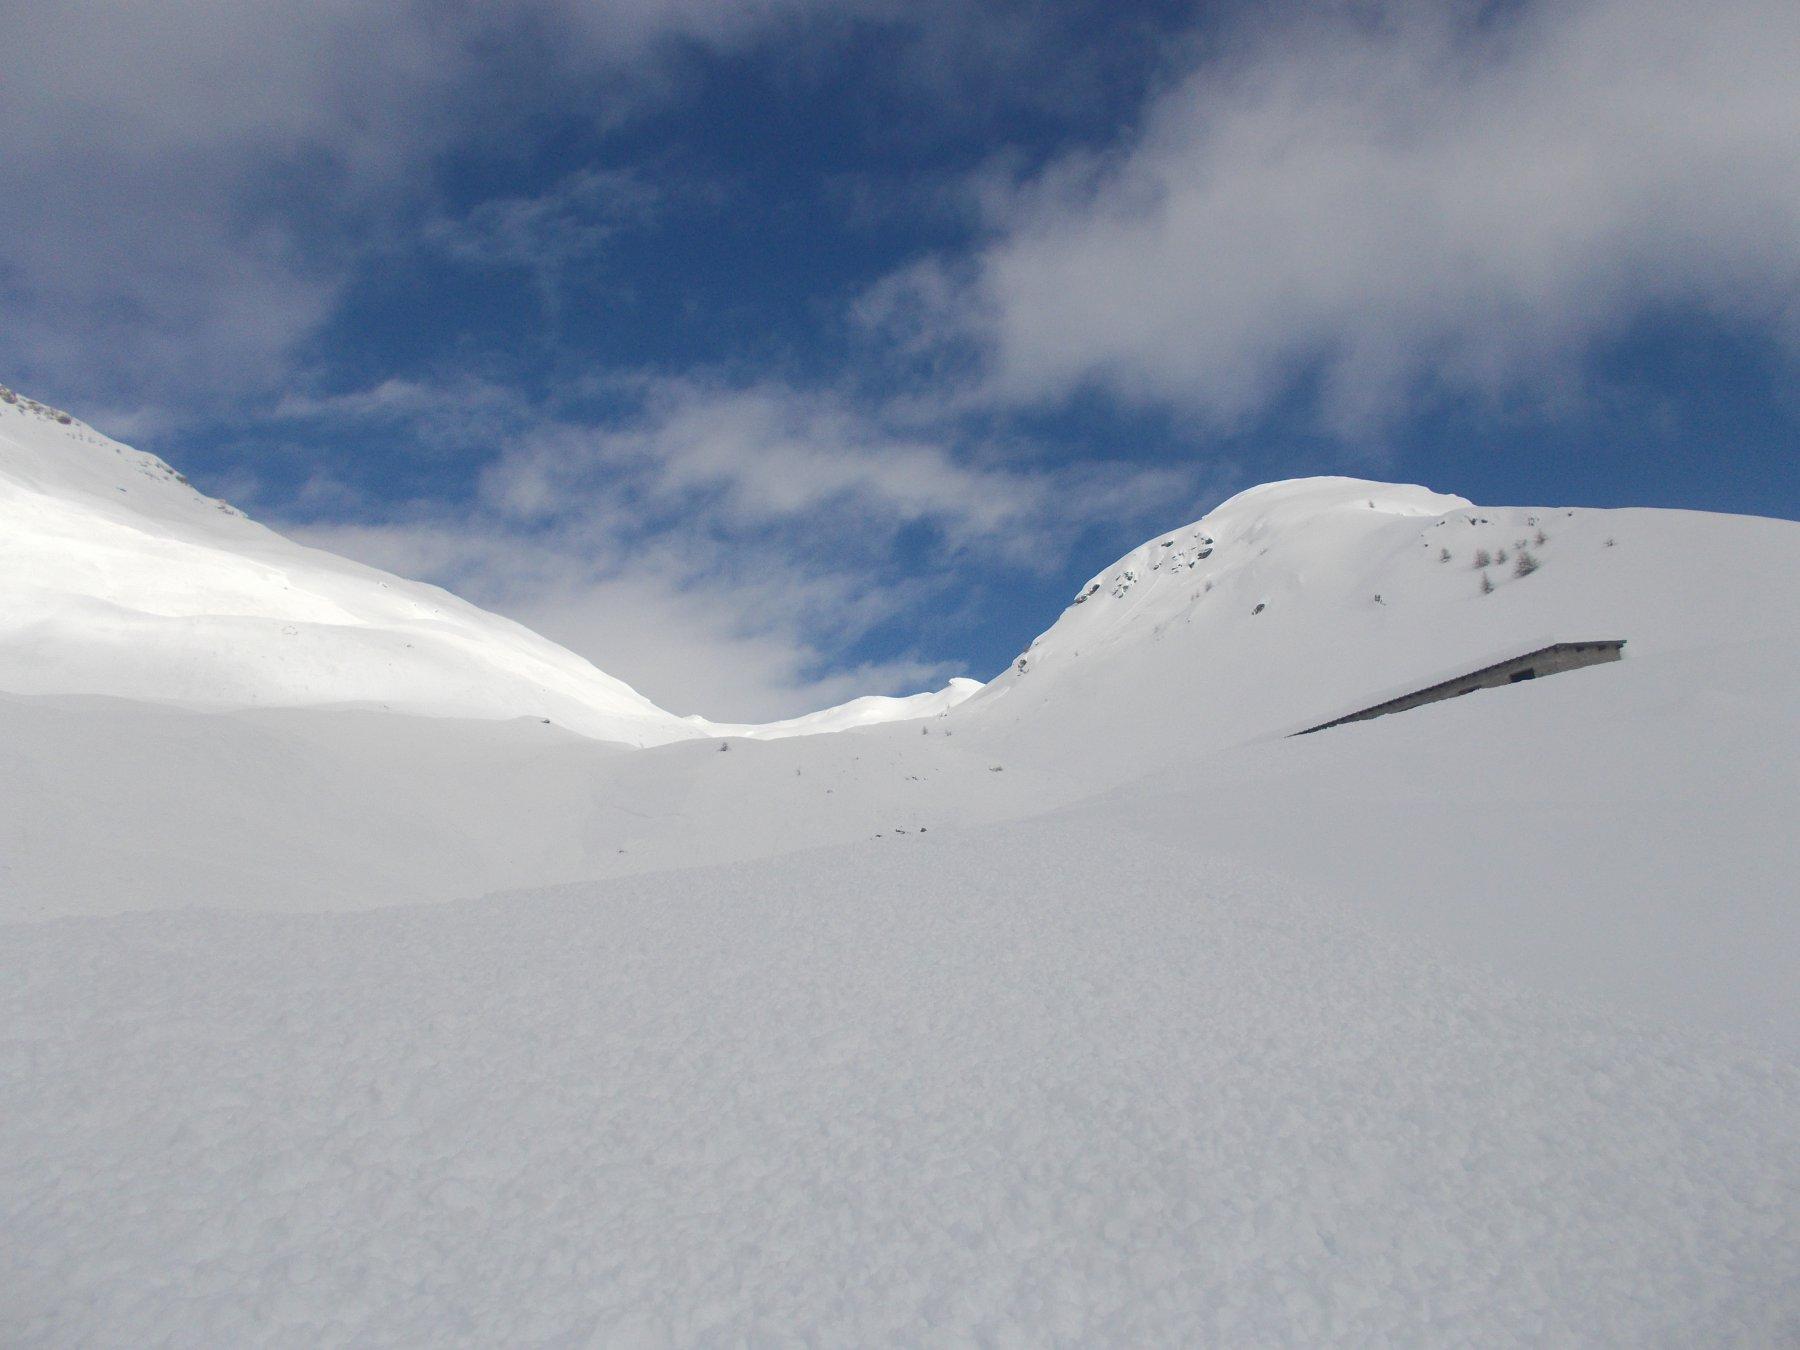 di neve c'e' ne e' davvero tanta..